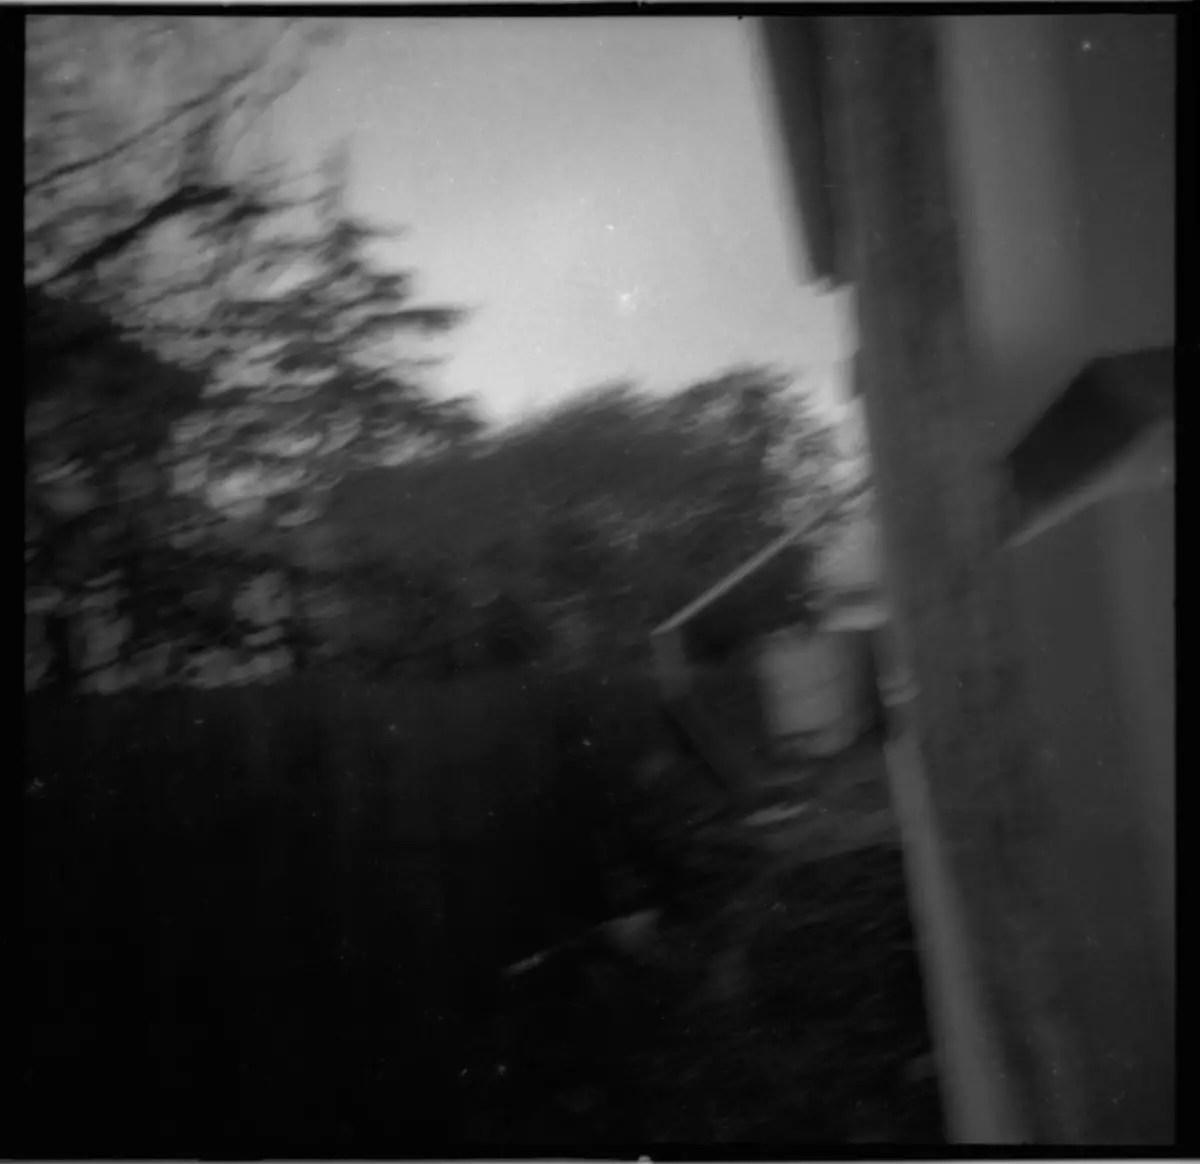 David Hume, first roll of film - 35mm Kodak PLUS-X PAN